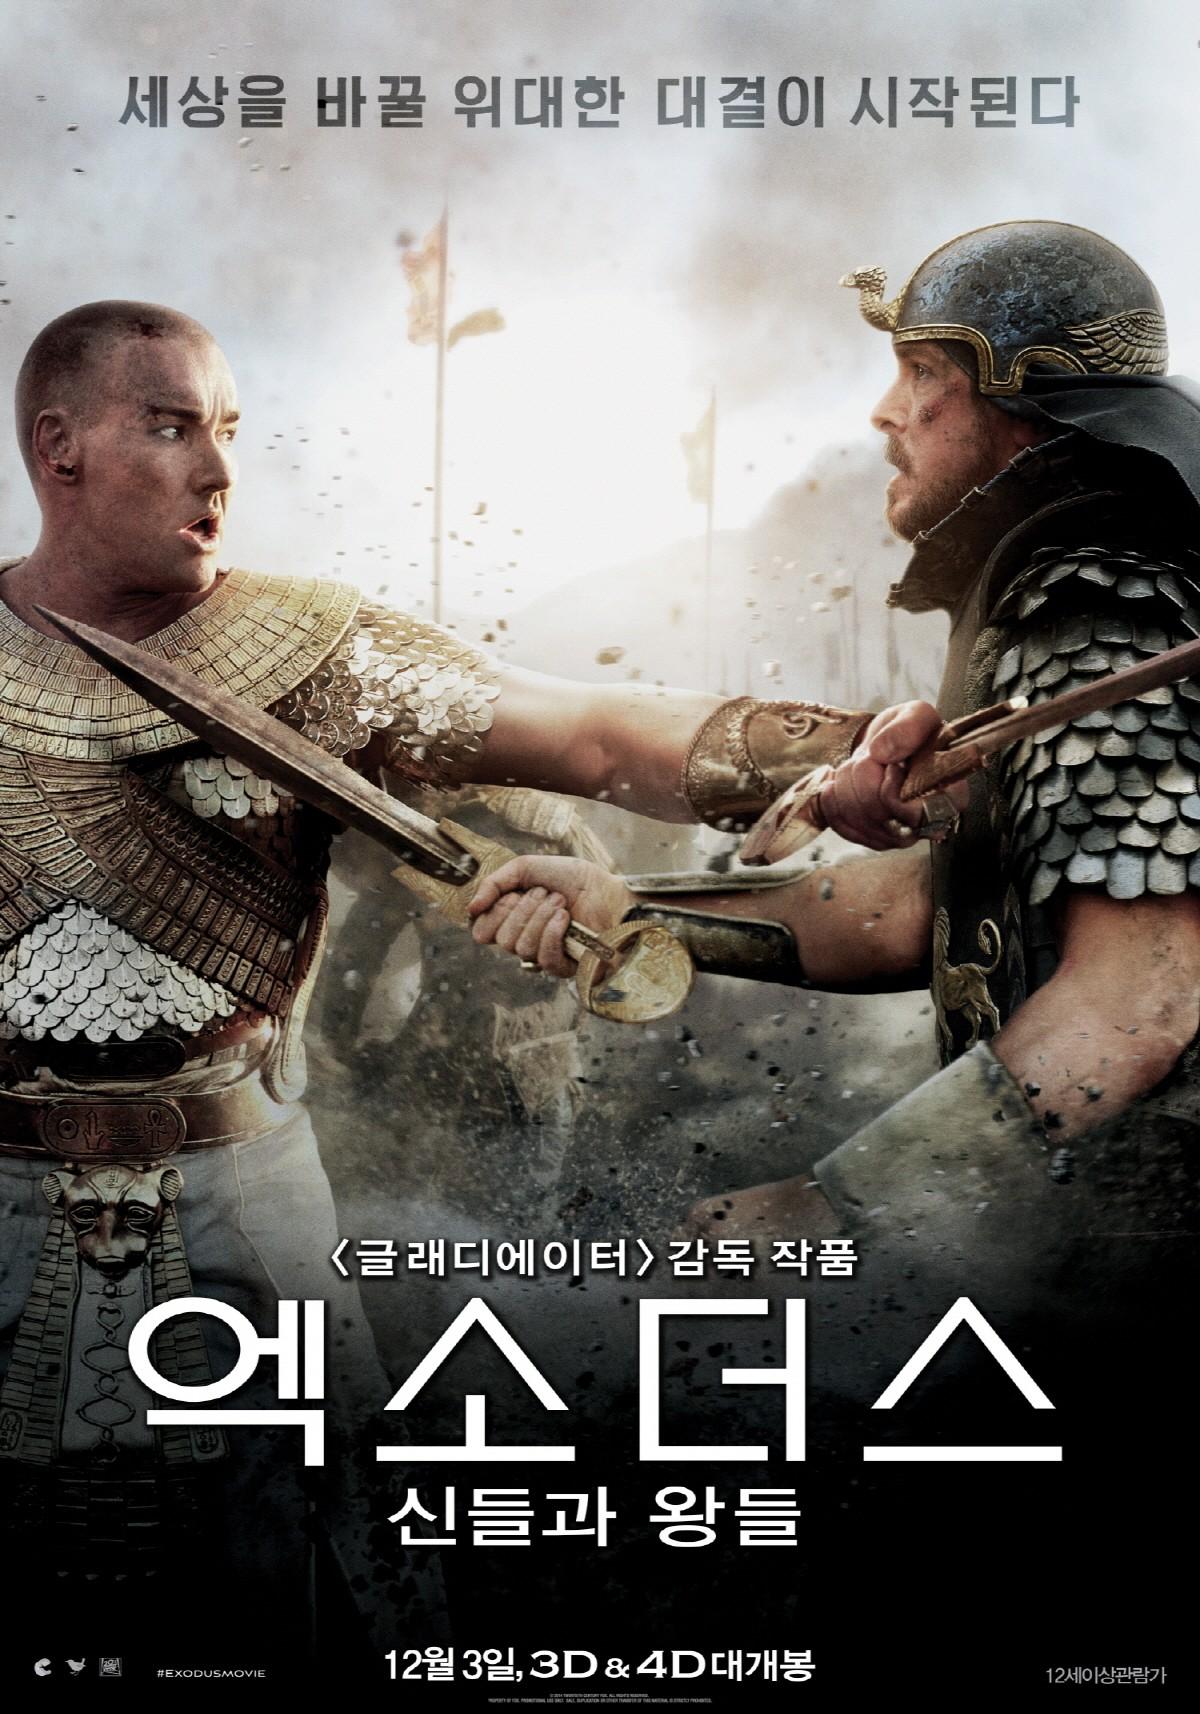 엑소더스: 신들과 왕들